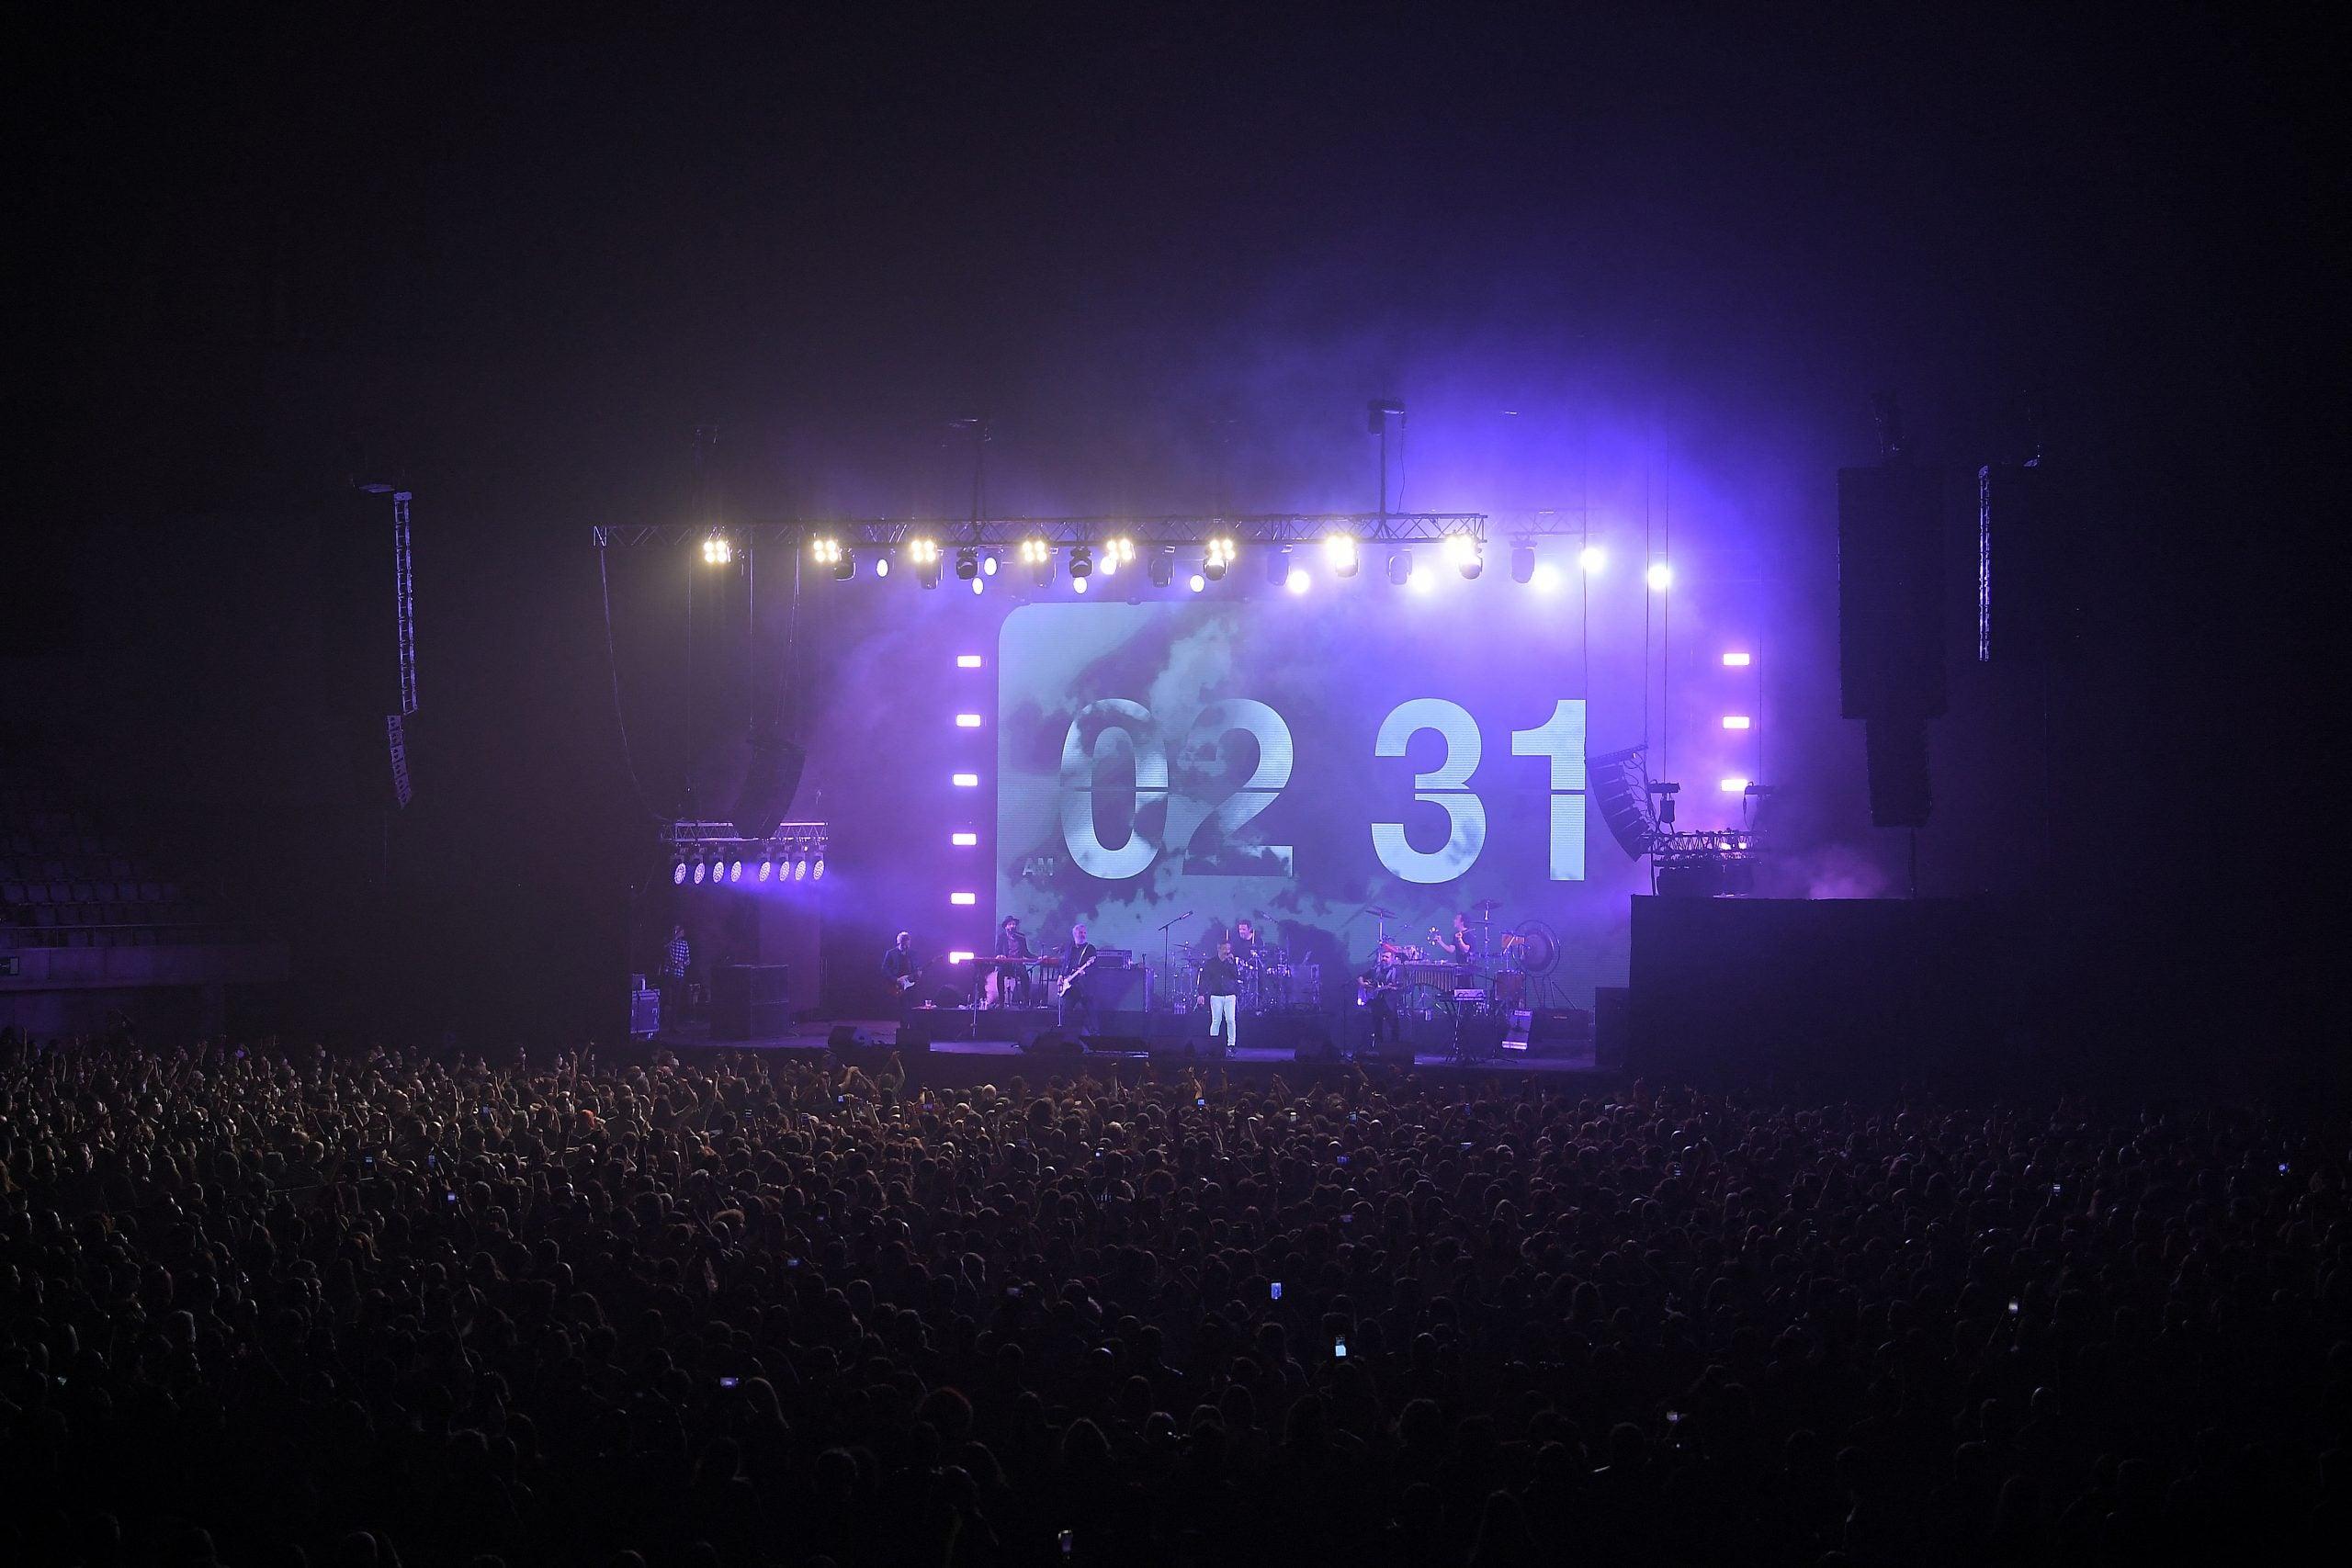 El concierto de Love of Lesbian contó con la presencia de más de 5 mil asistentes.